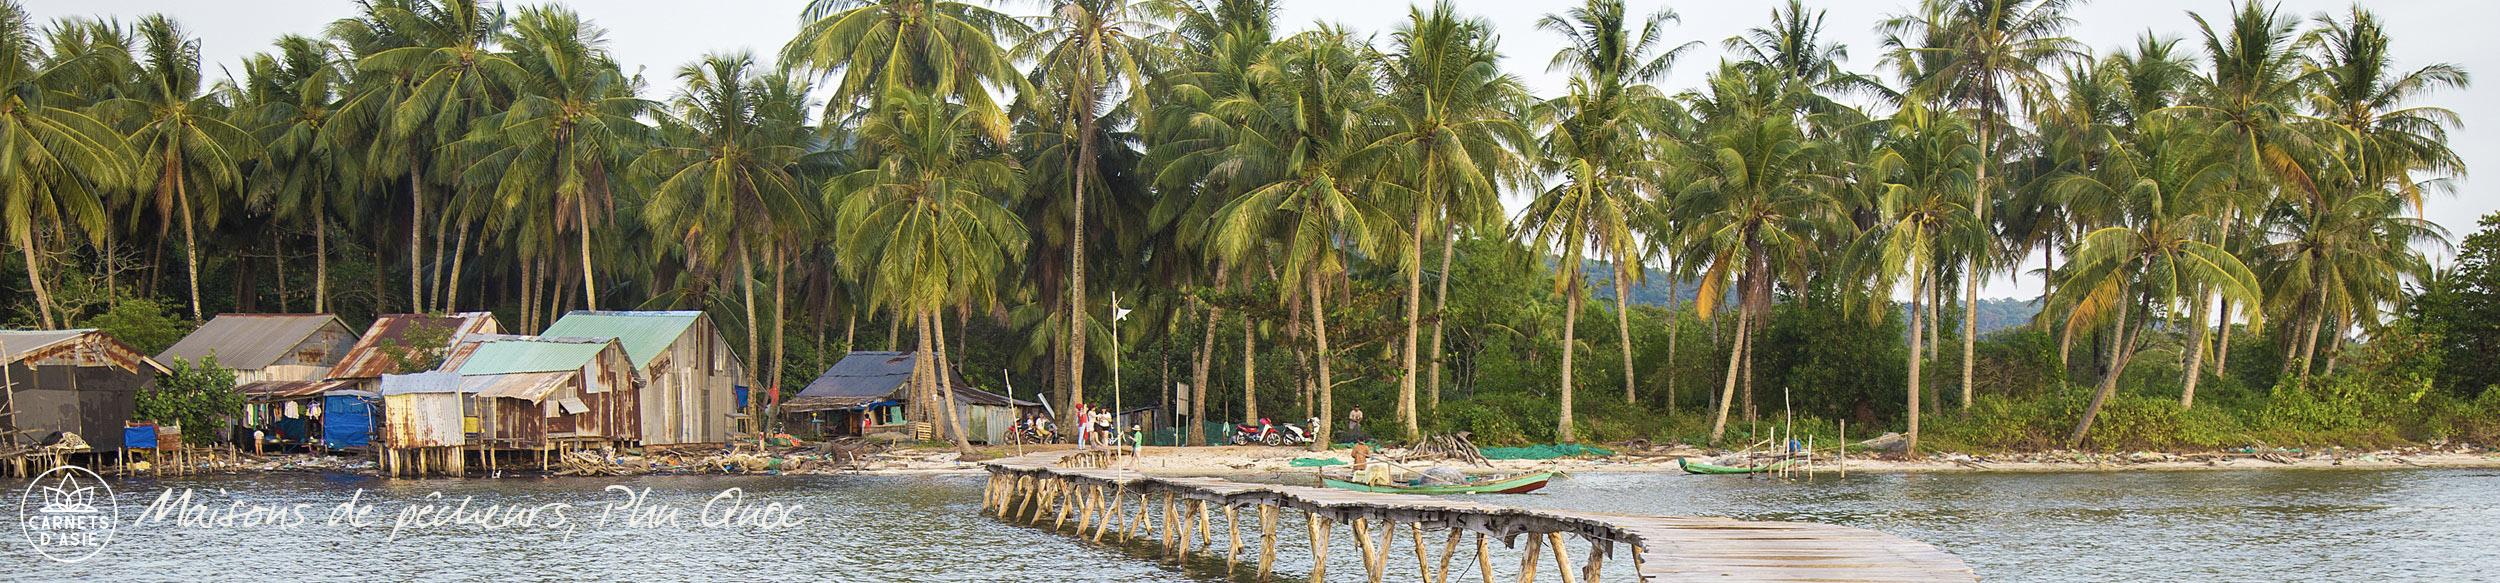 Maisons de pêcheurs sur l'île de Phu Quoc au Vietnam